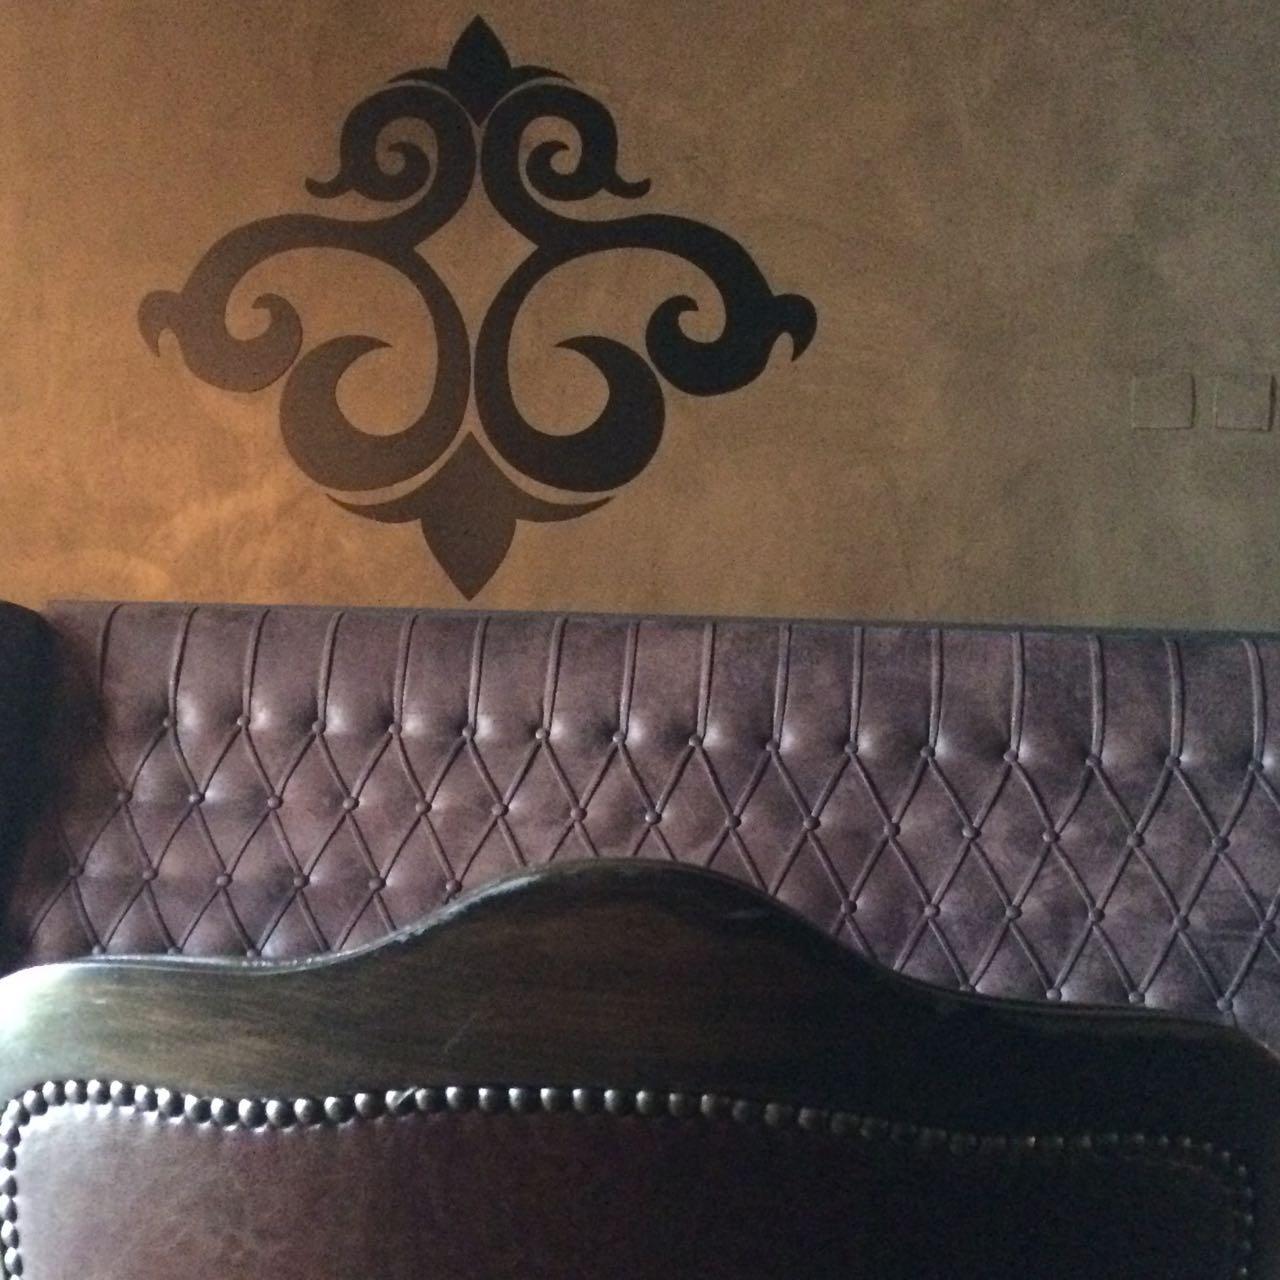 sofa detalhe - 1.jpg